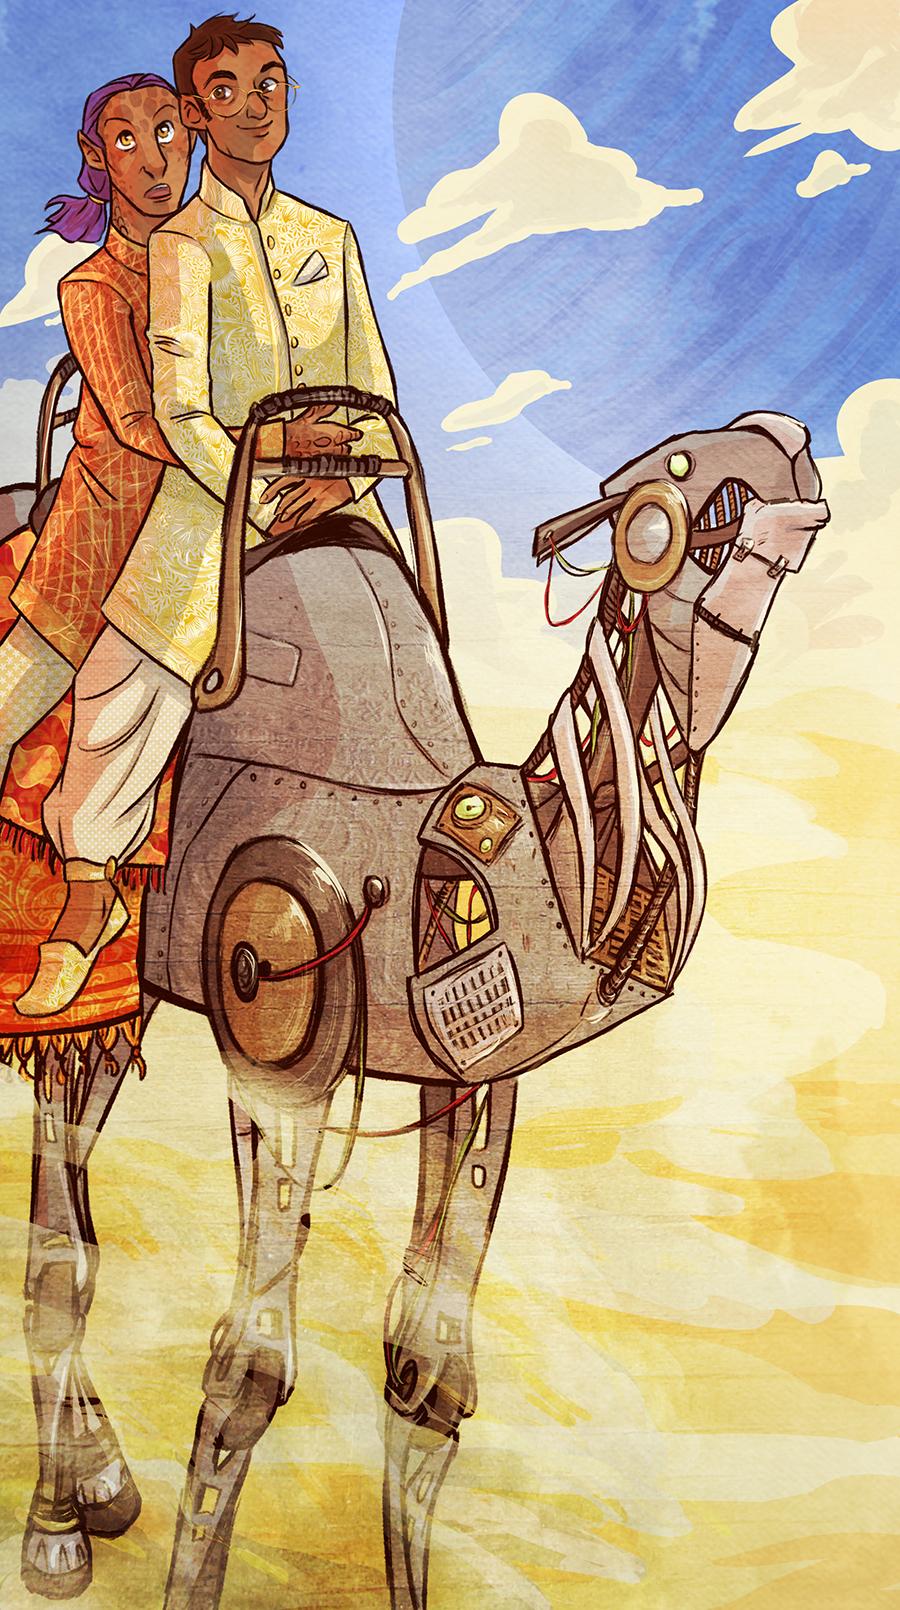 robotic camel